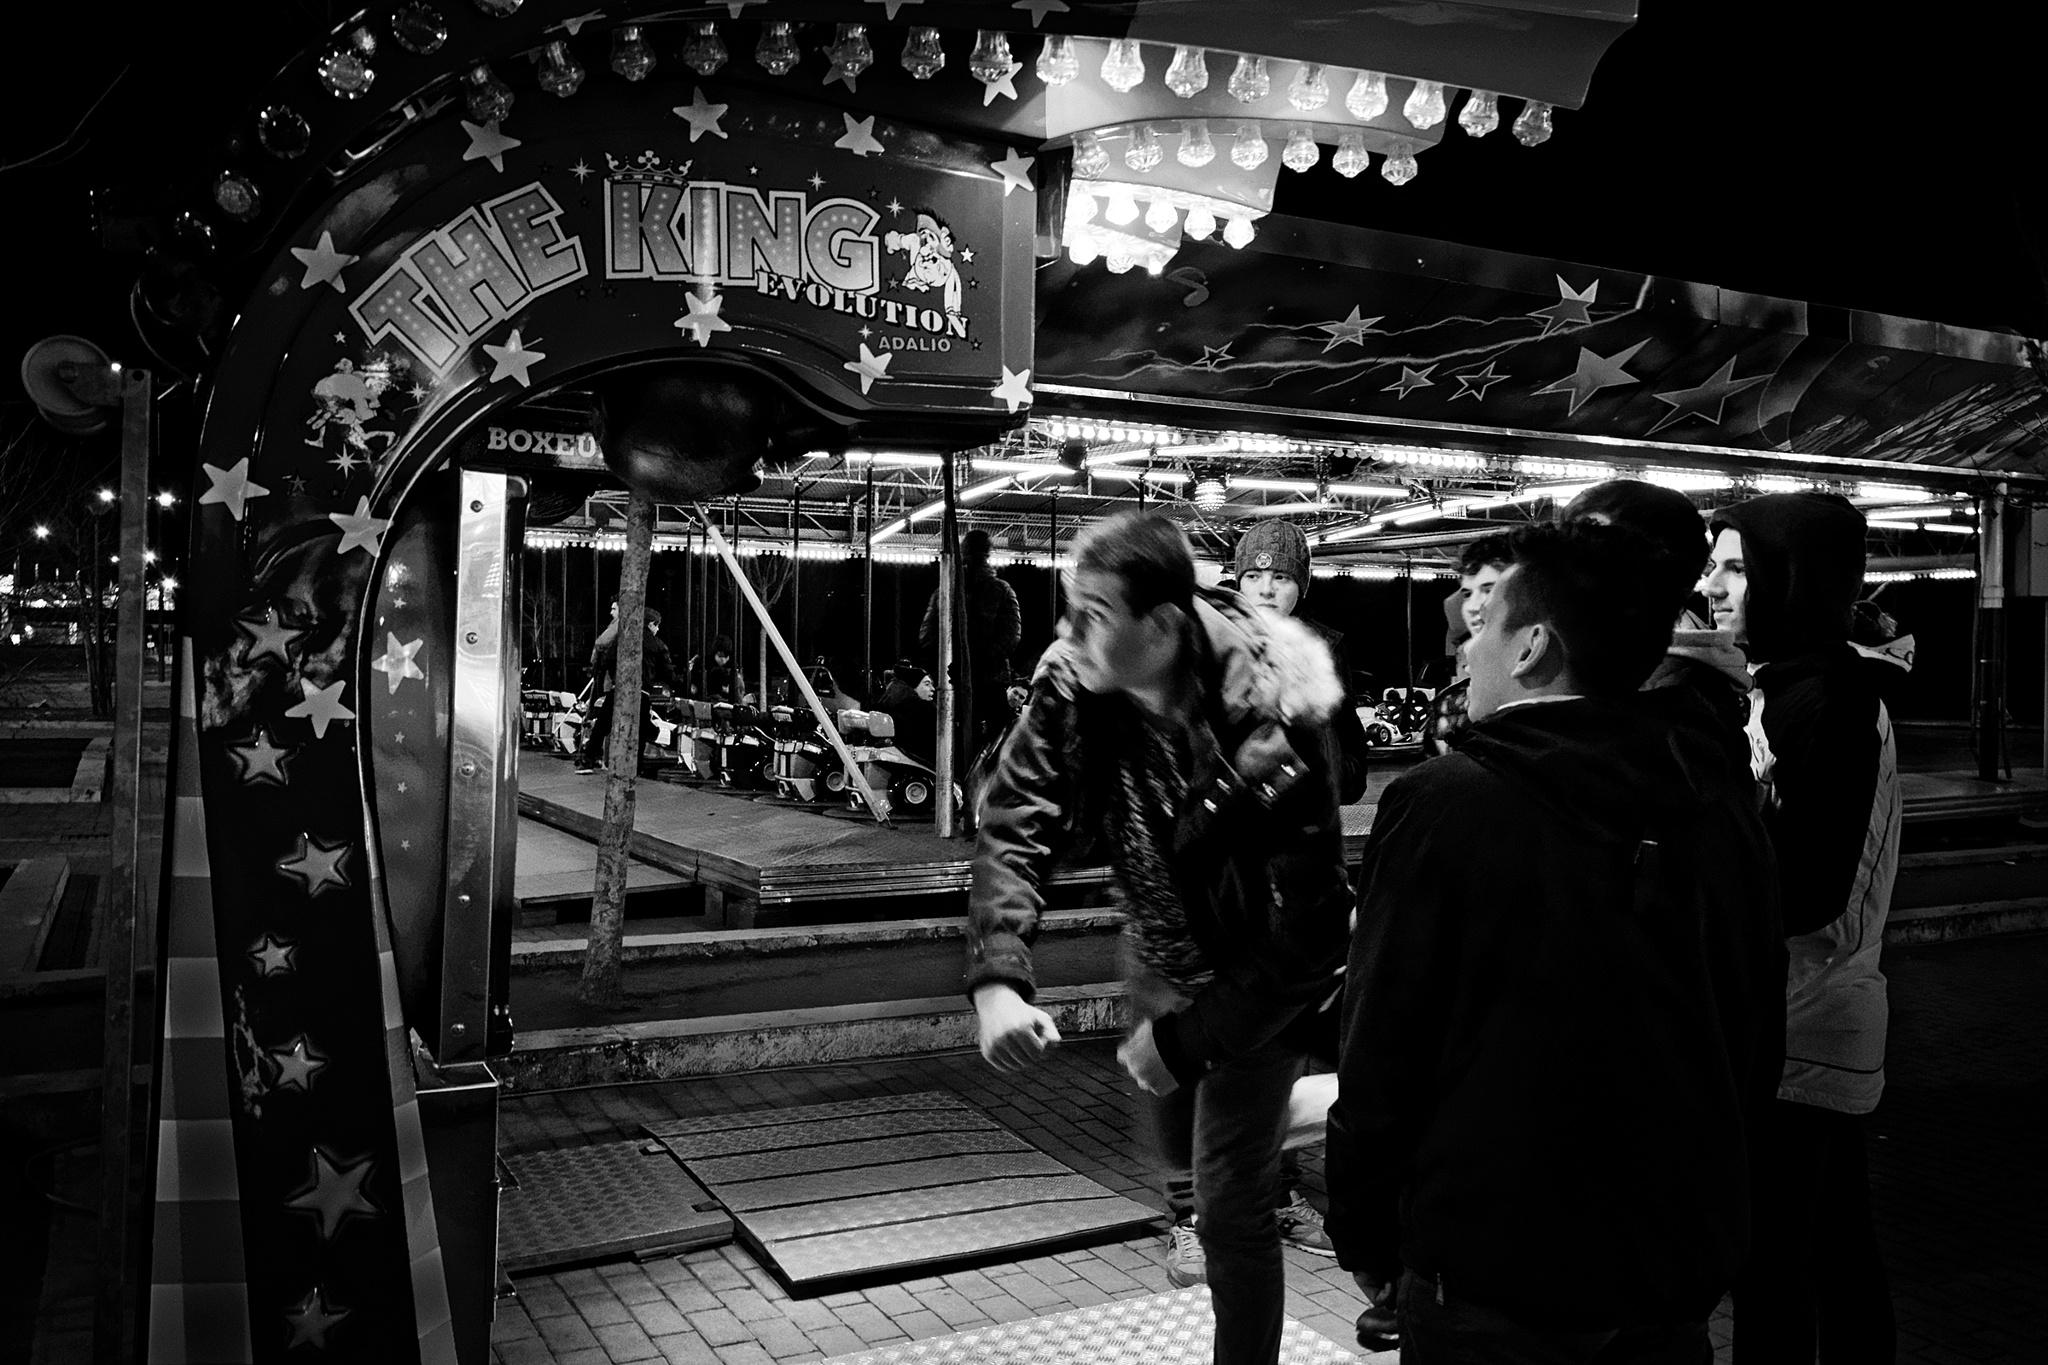 Merry-go-round - The punchball by Roberto Scordino